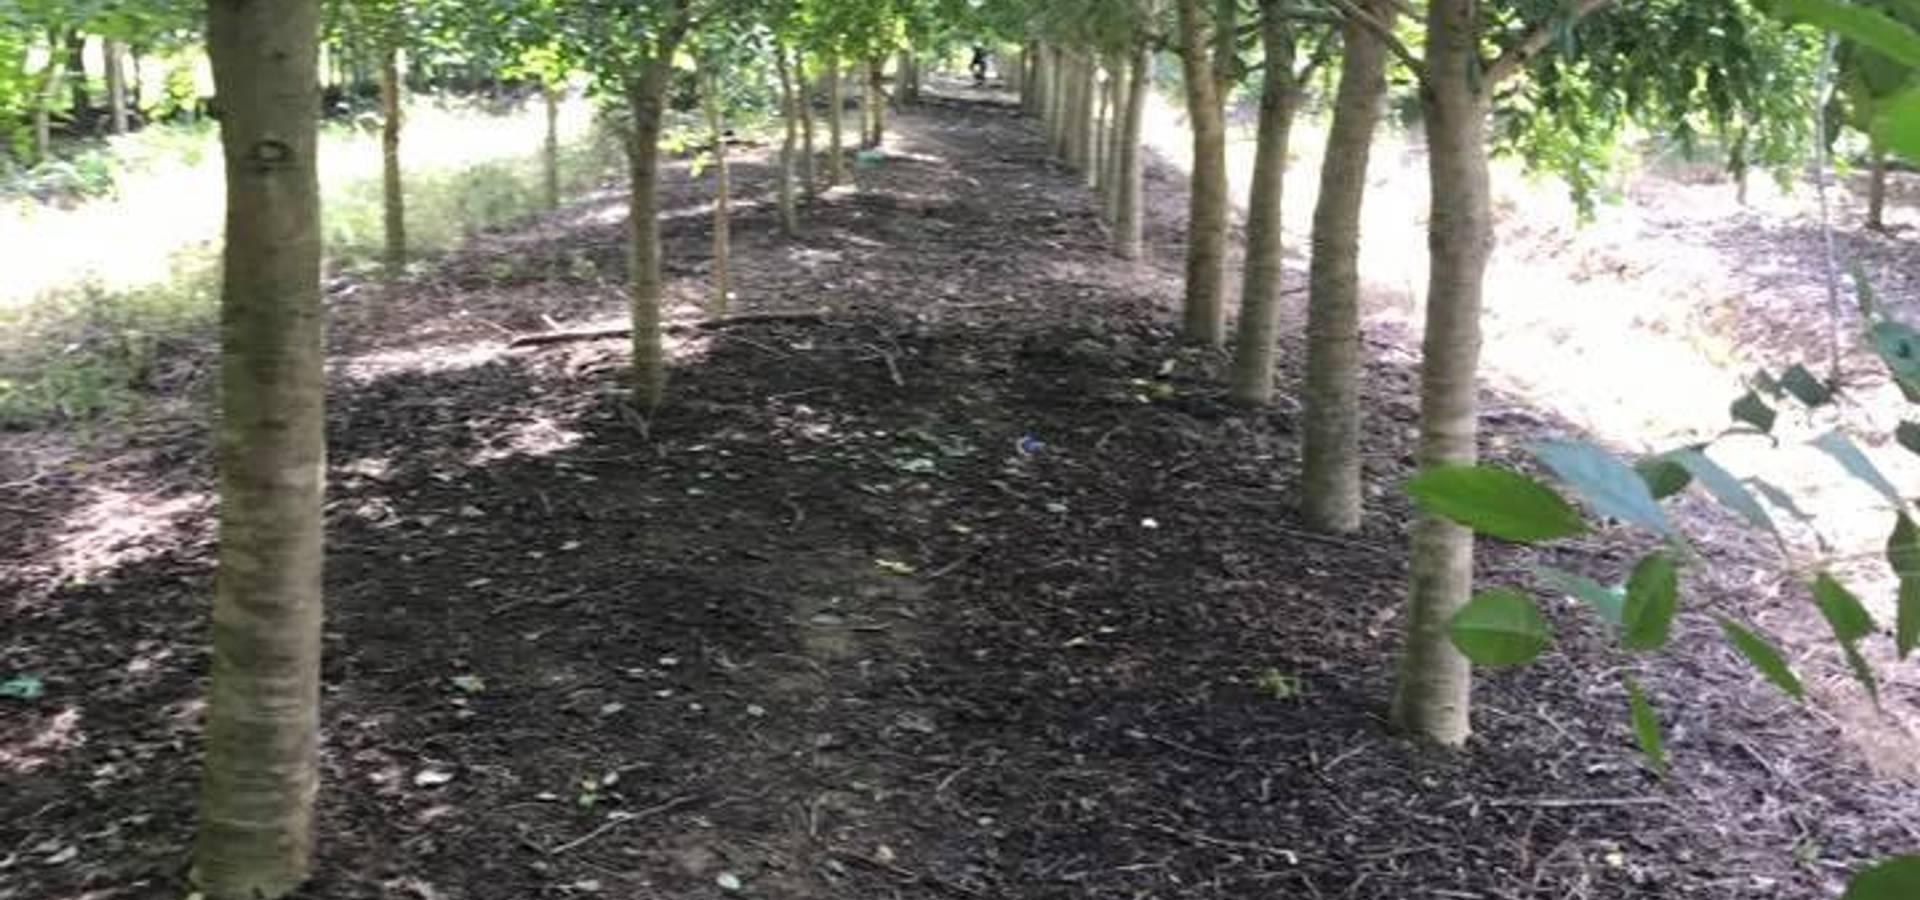 Kz_รับจัดสวน จำหน่ายต้นไม้ใหญ่ ต้นไม้เล็ก ทุกชนิด – สวนลุงลุย